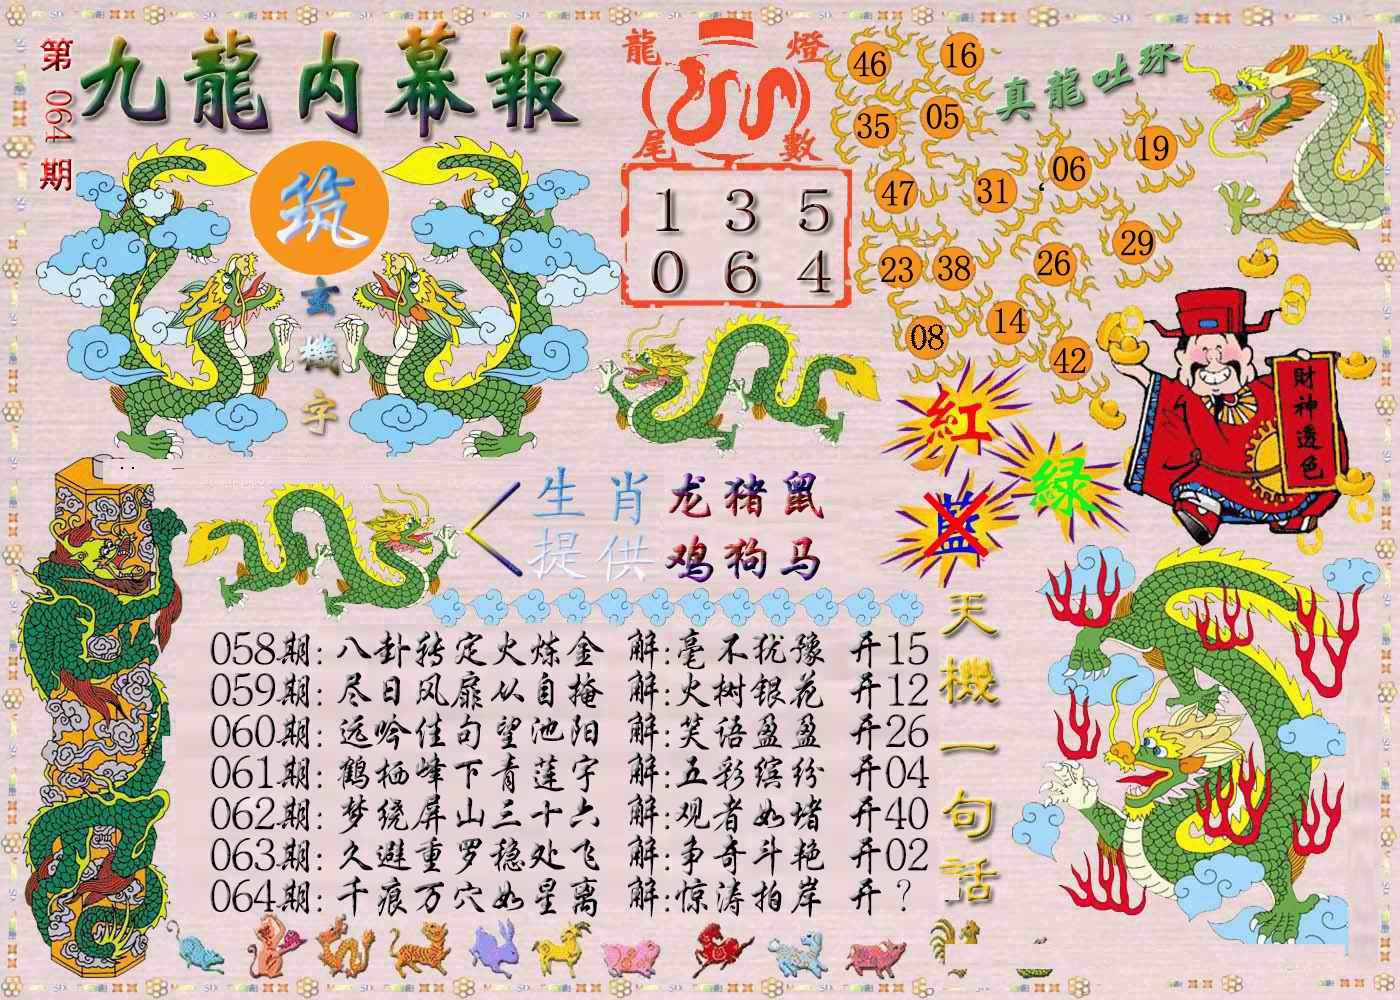 064期九龙内幕报